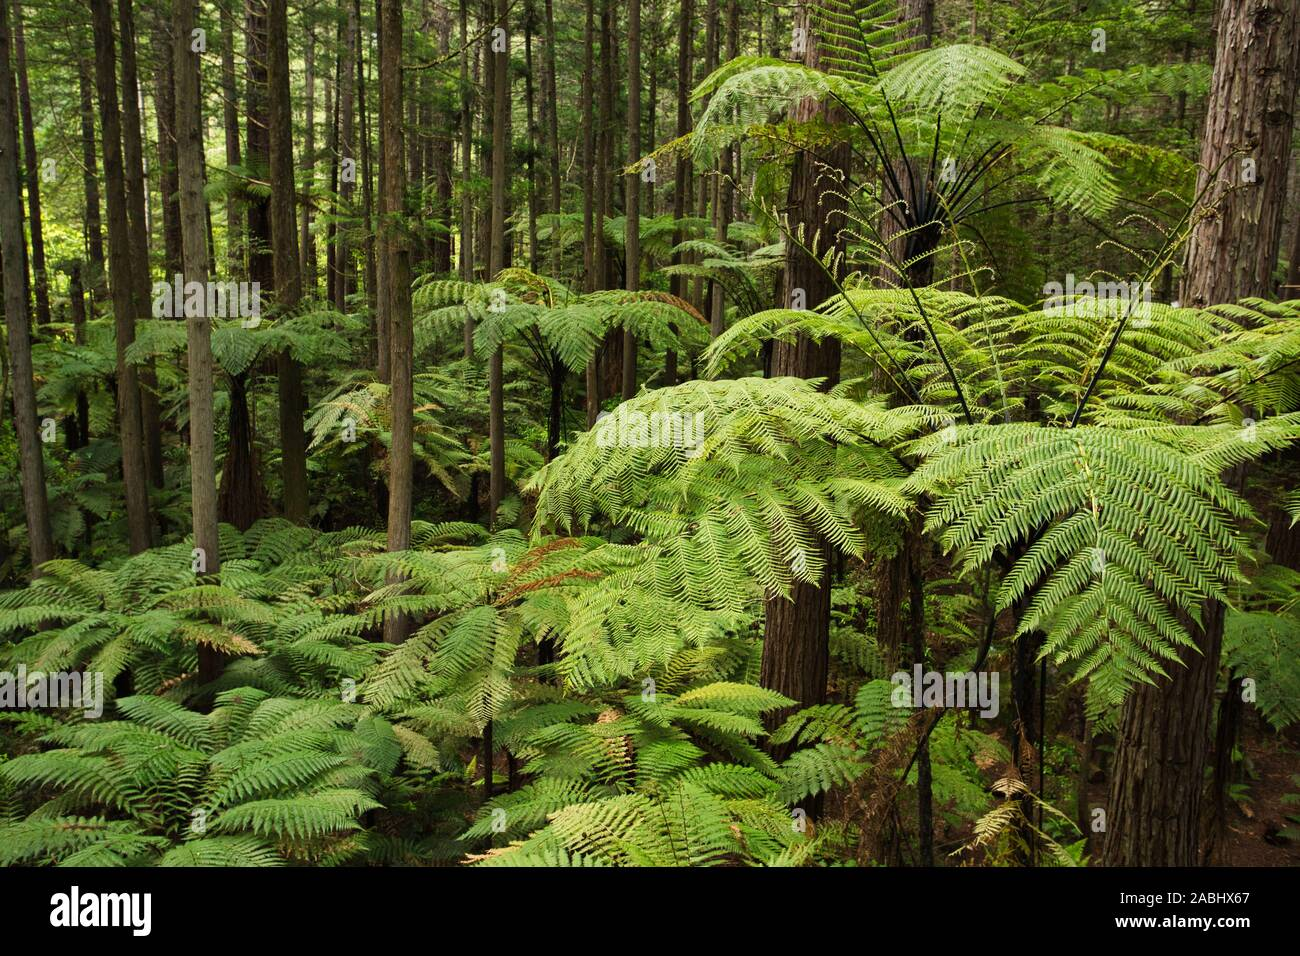 Foresta di felci arboree e Giant Redwoods in Whakarewarewa foresta vicino a Rotorua, Nuova Zelanda Foto Stock